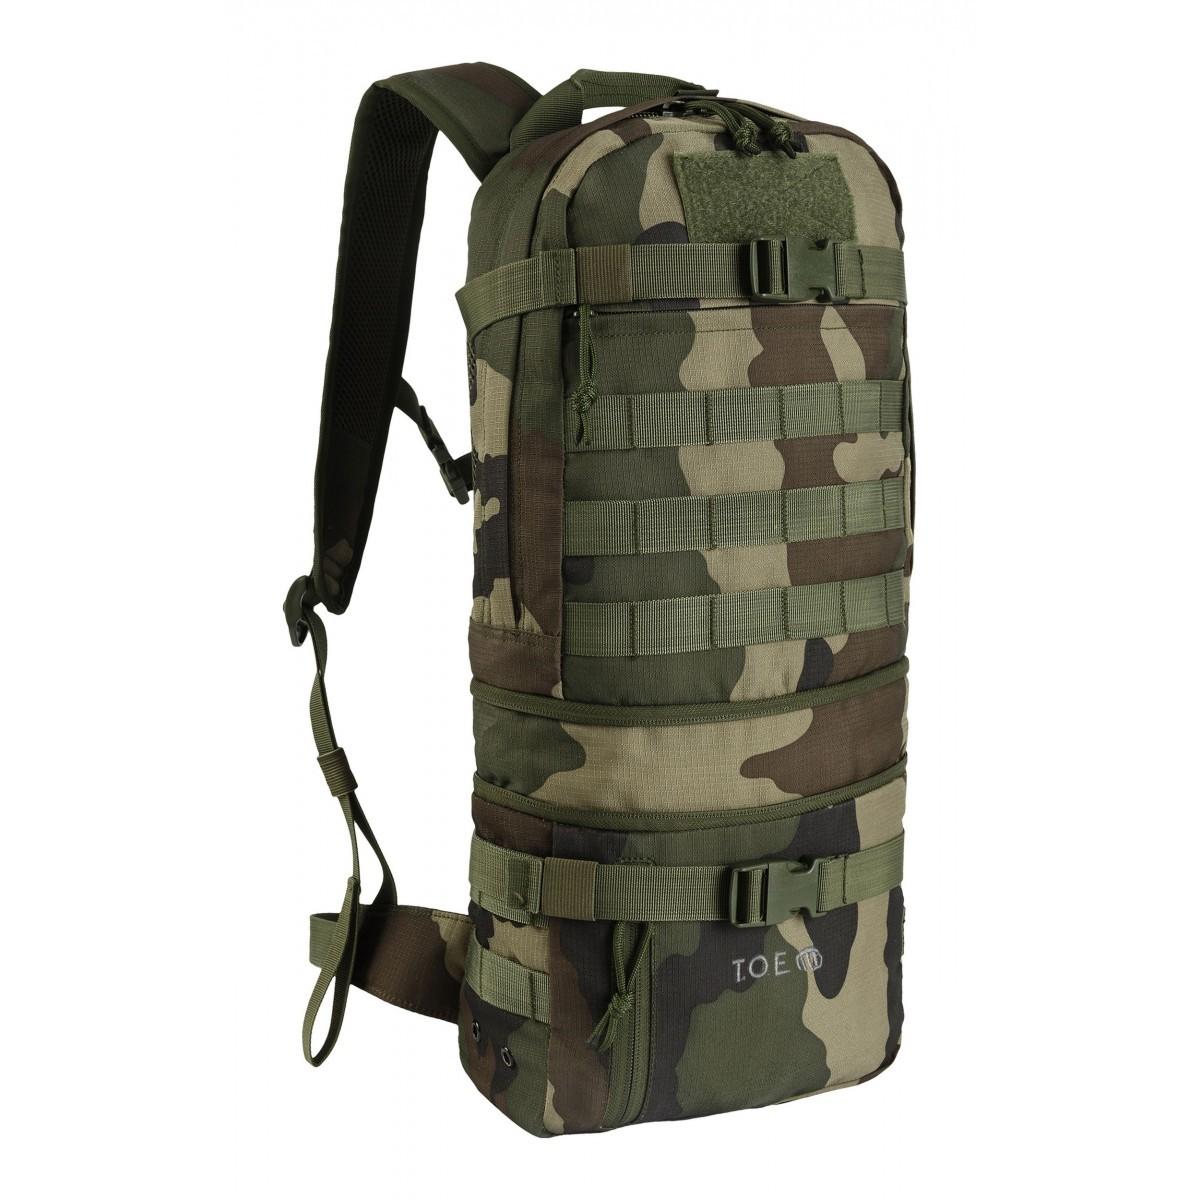 toe sac a dos sniper extend 10 15 litres equipement tactique. Black Bedroom Furniture Sets. Home Design Ideas